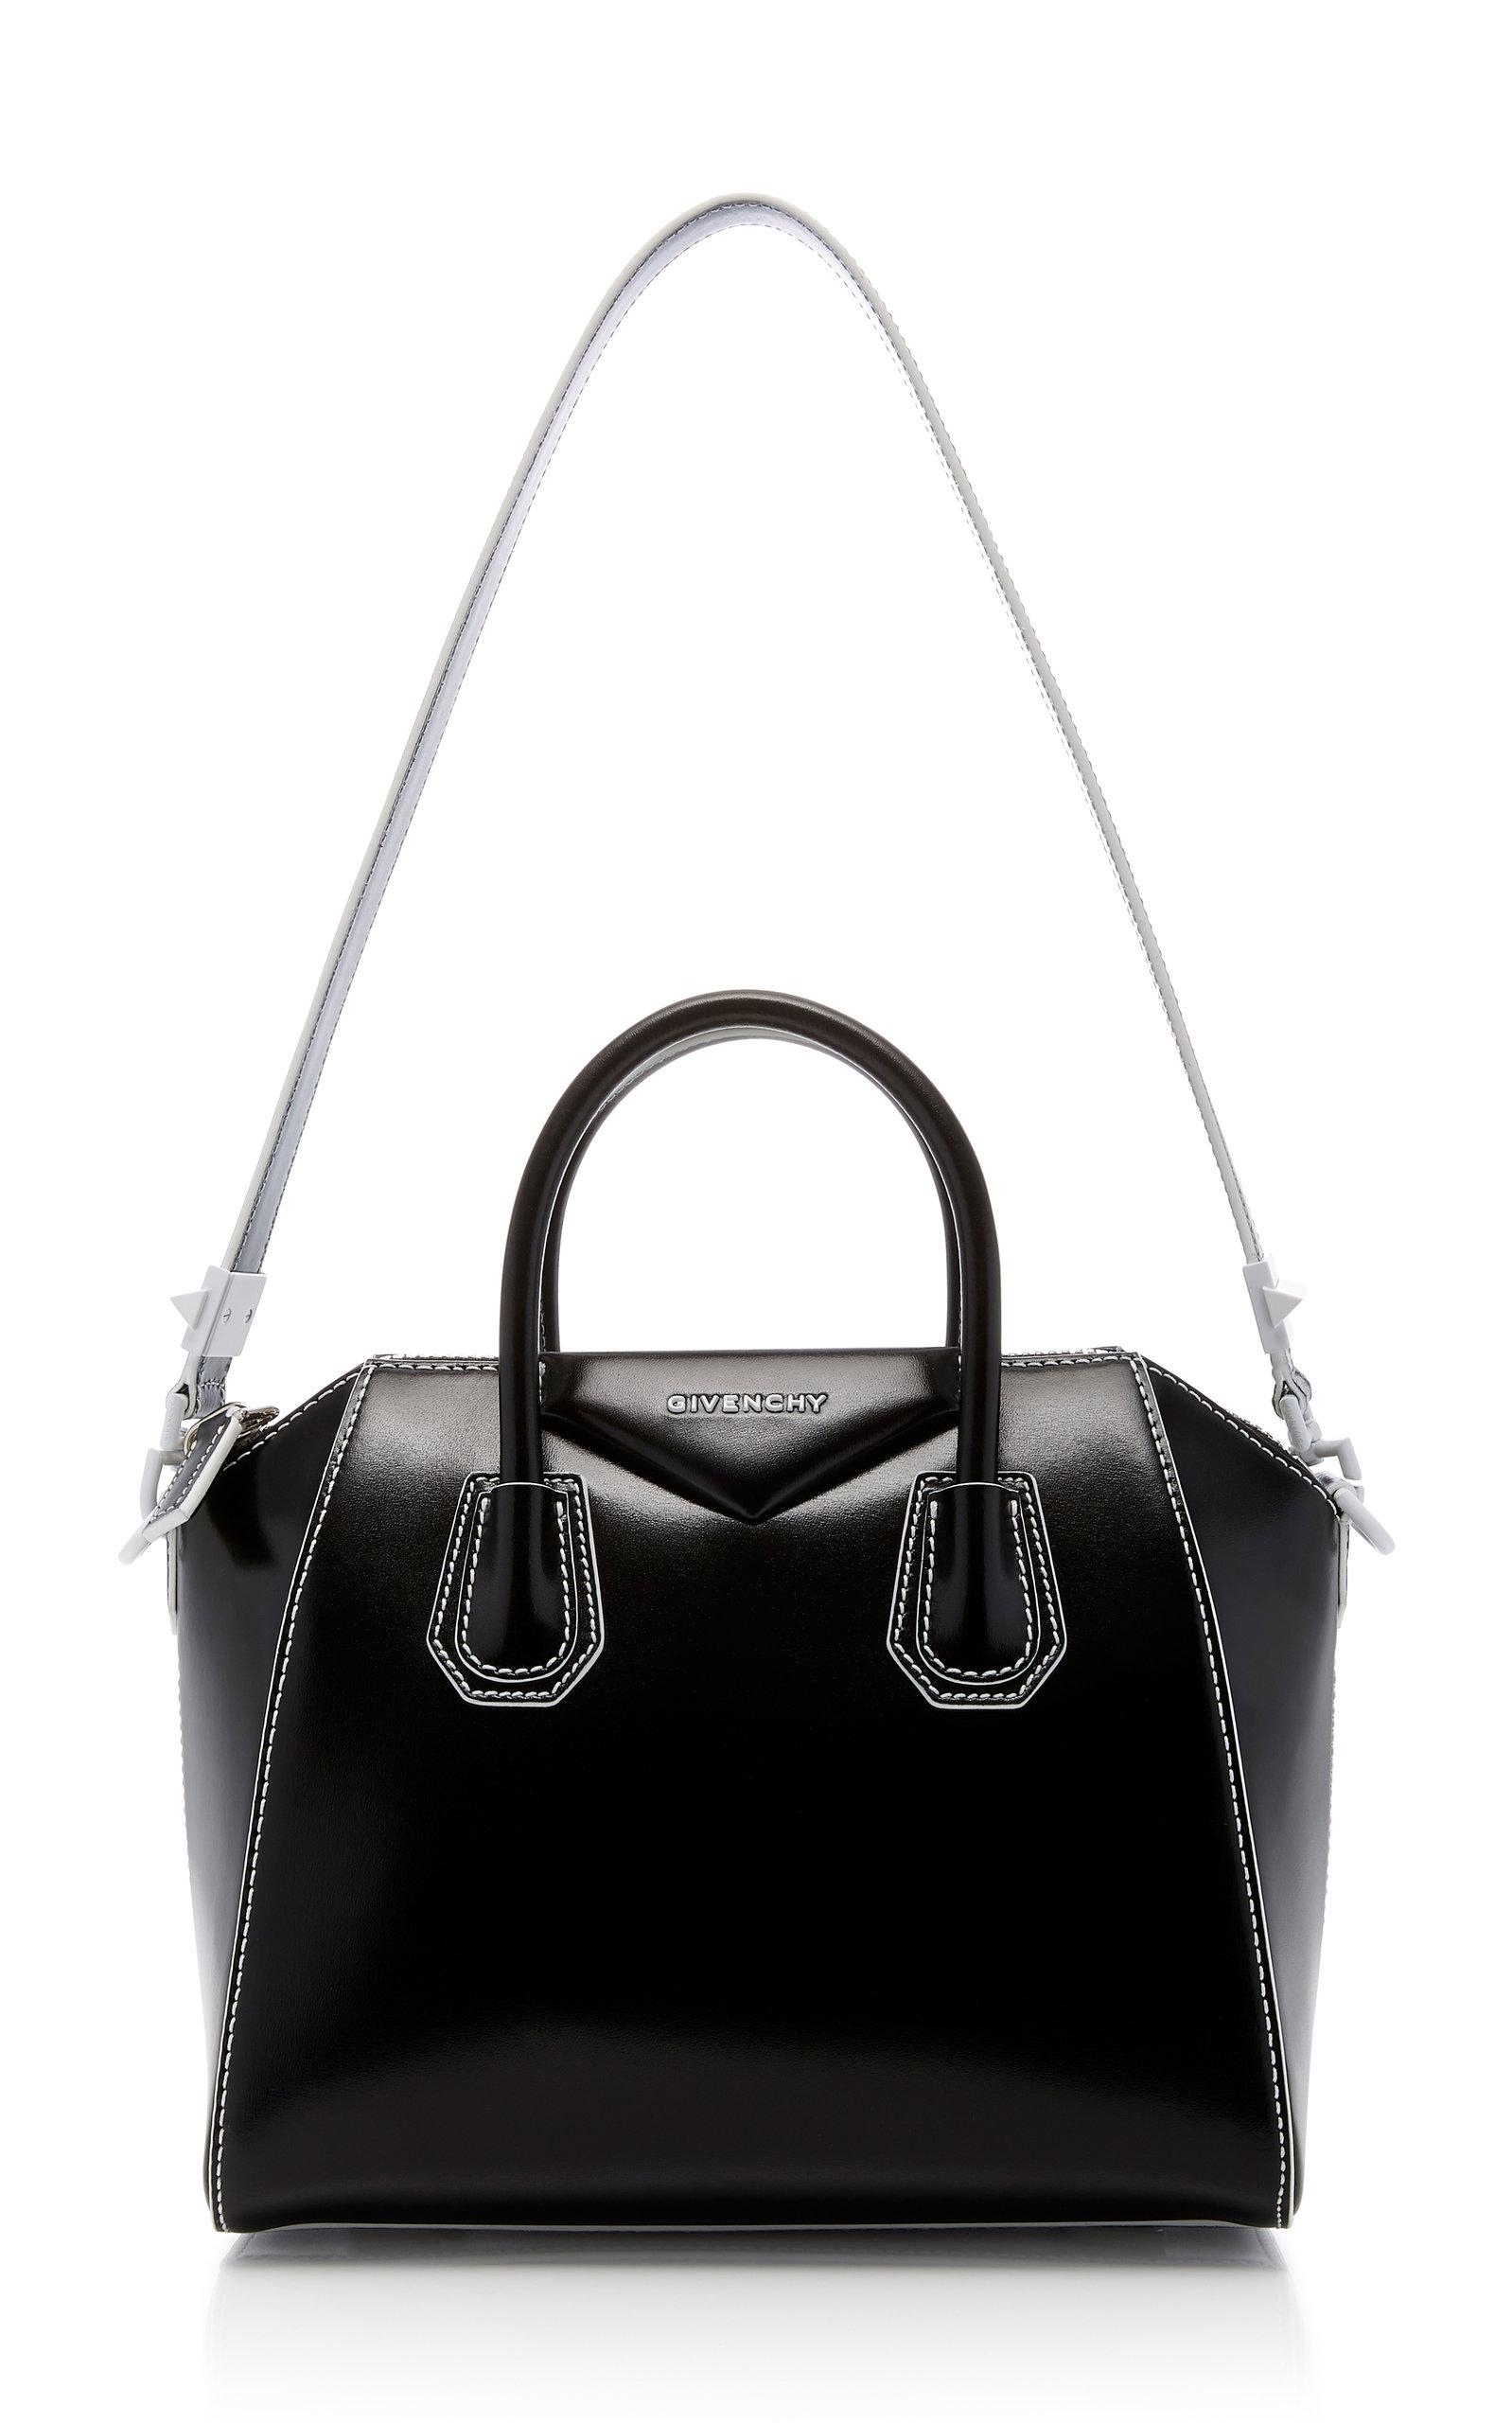 2ffe26dc161da GivenchyAntigona Small Polished Leather Tote. CLOSE. Loading. Loading